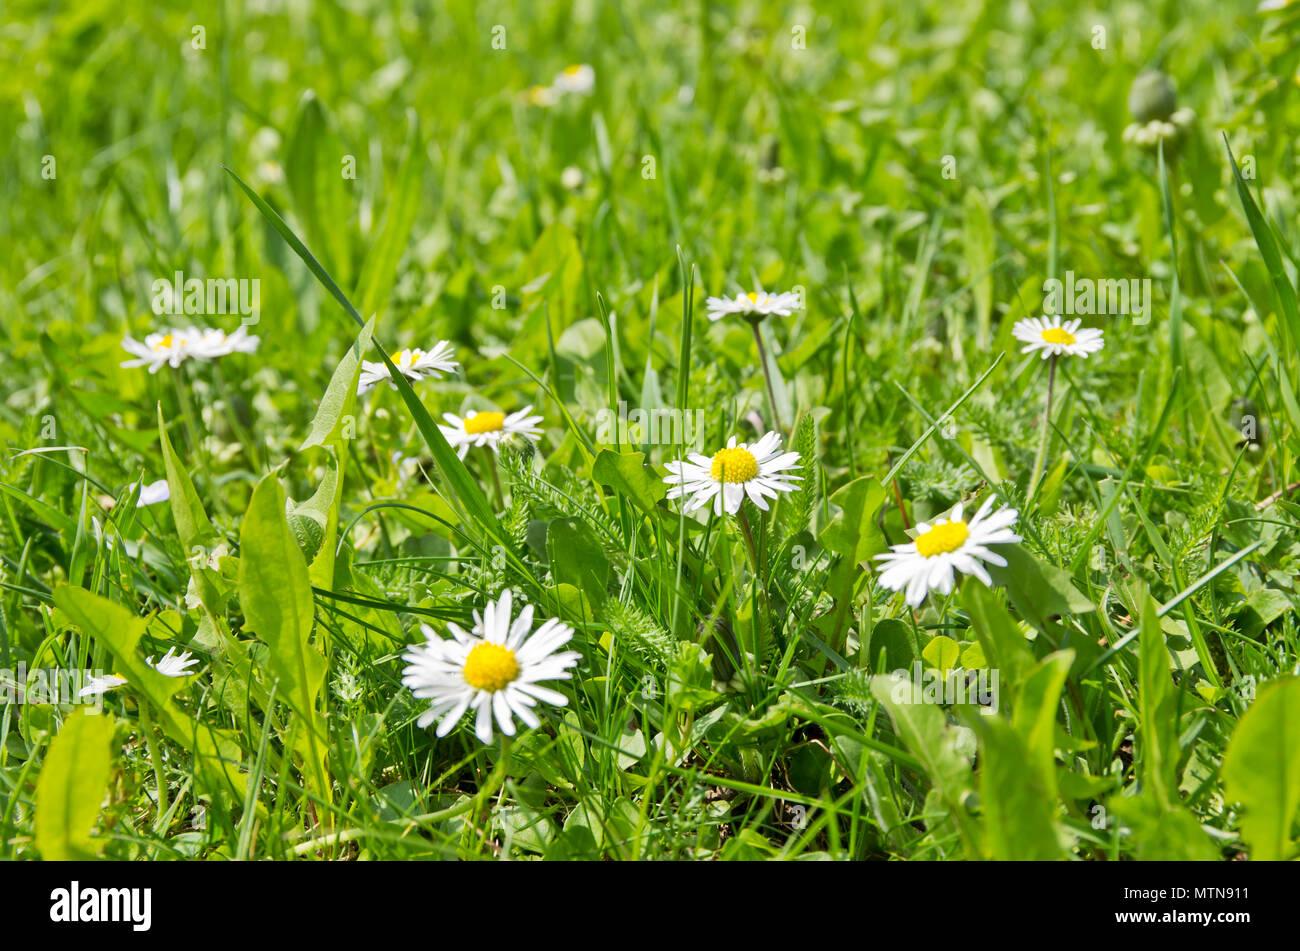 Gänseblümchen auf einer Wiese im Frühling. Stockbild